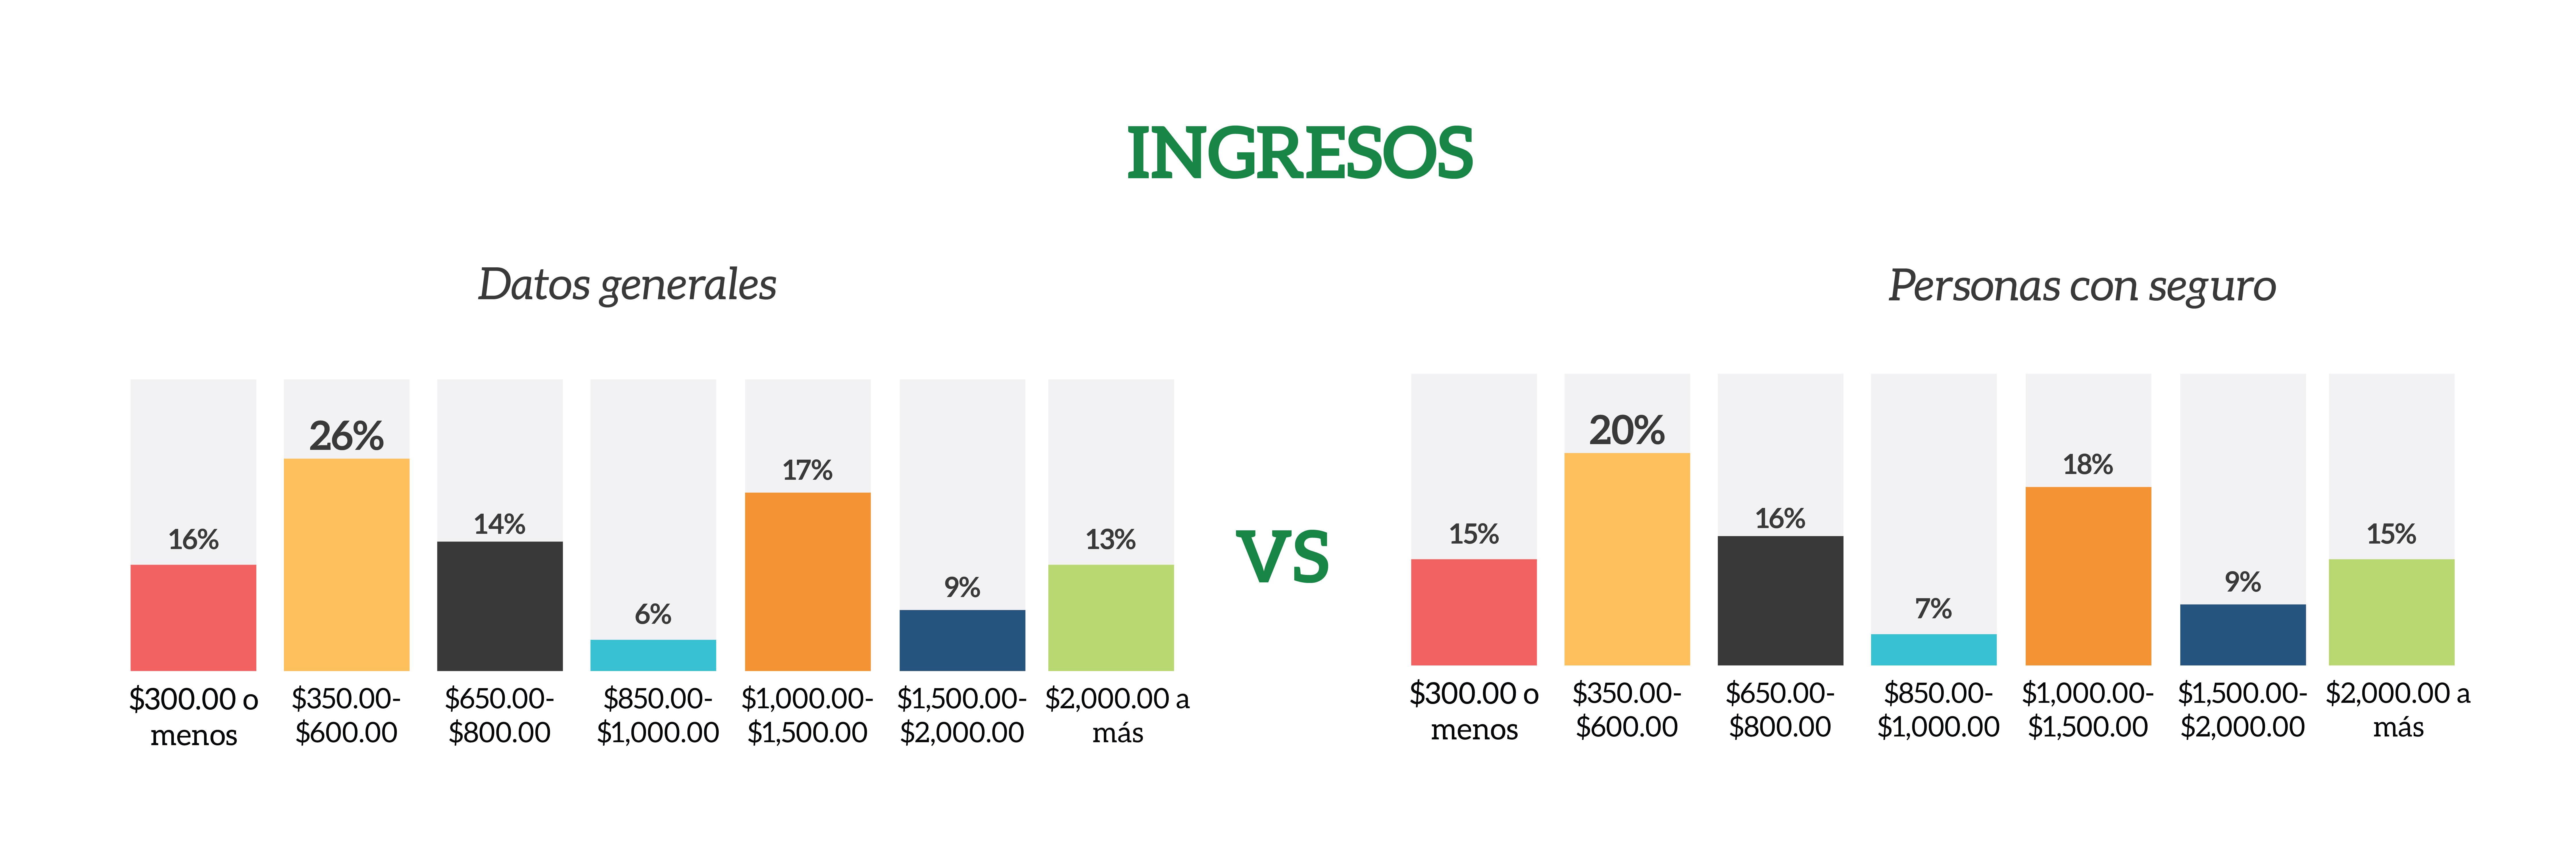 comparacion-ingresos